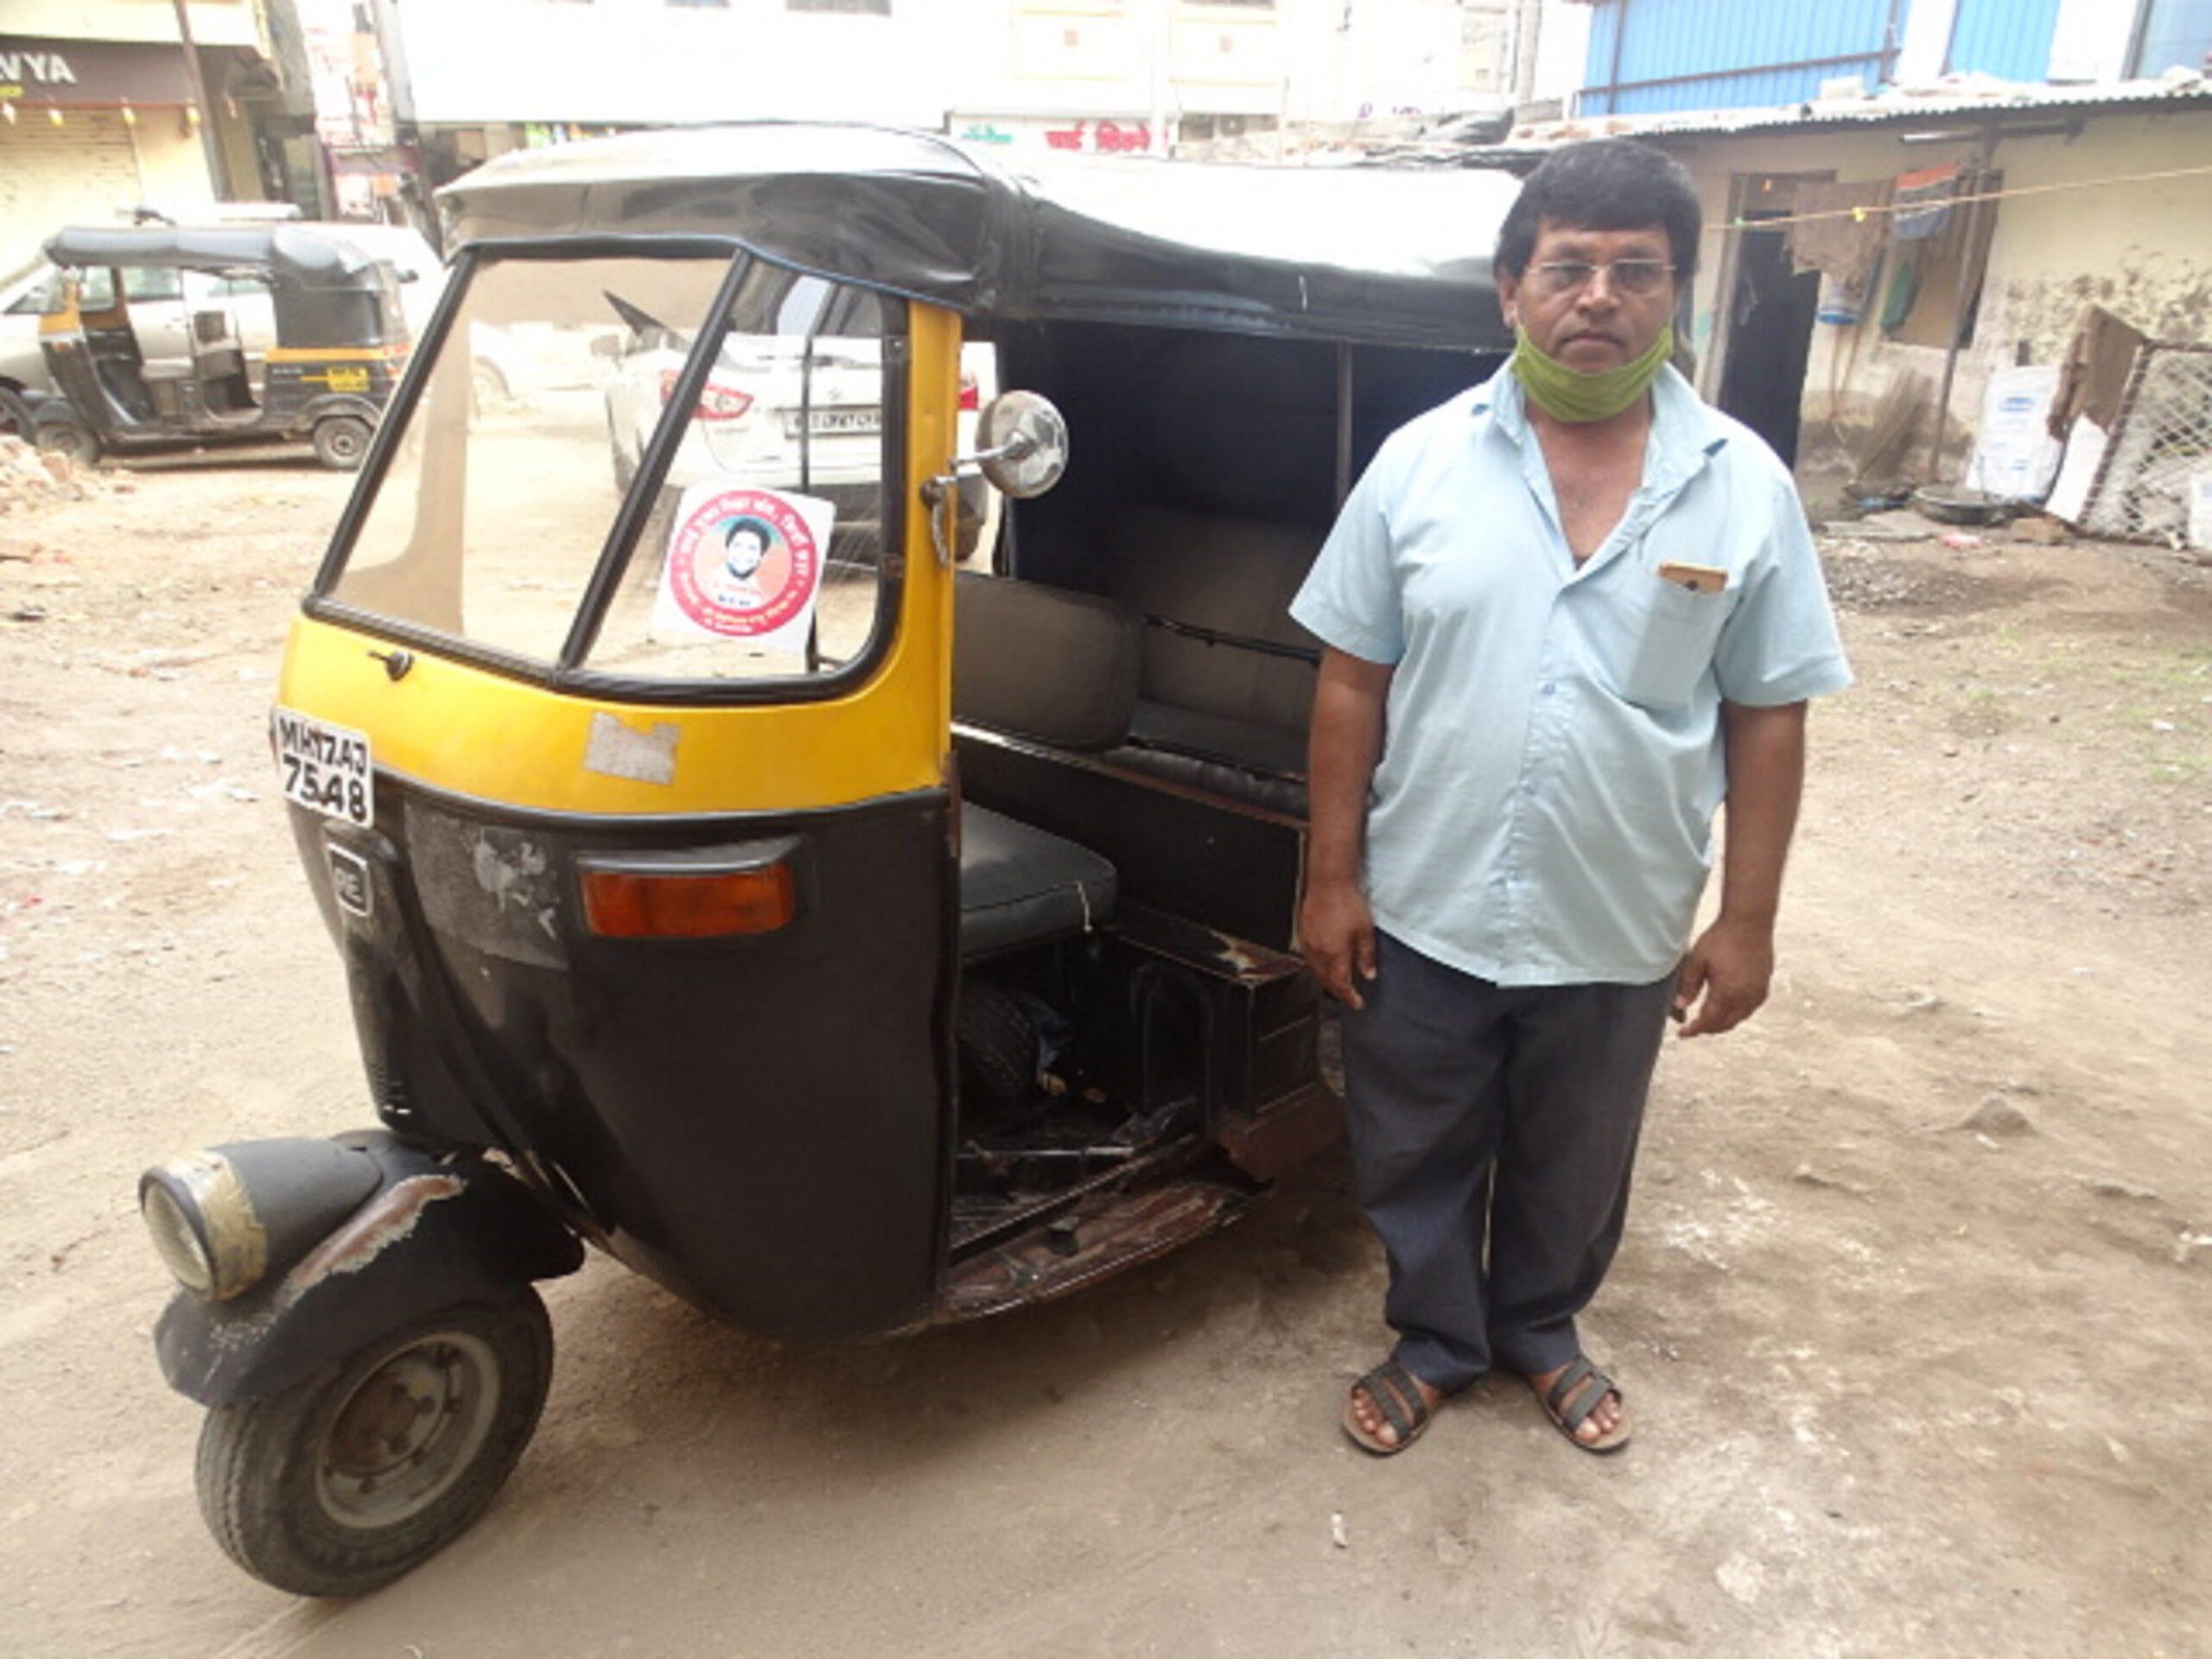 Subhash's Petrol Auto Rickshaw in Shirdi, Maharashtra, India